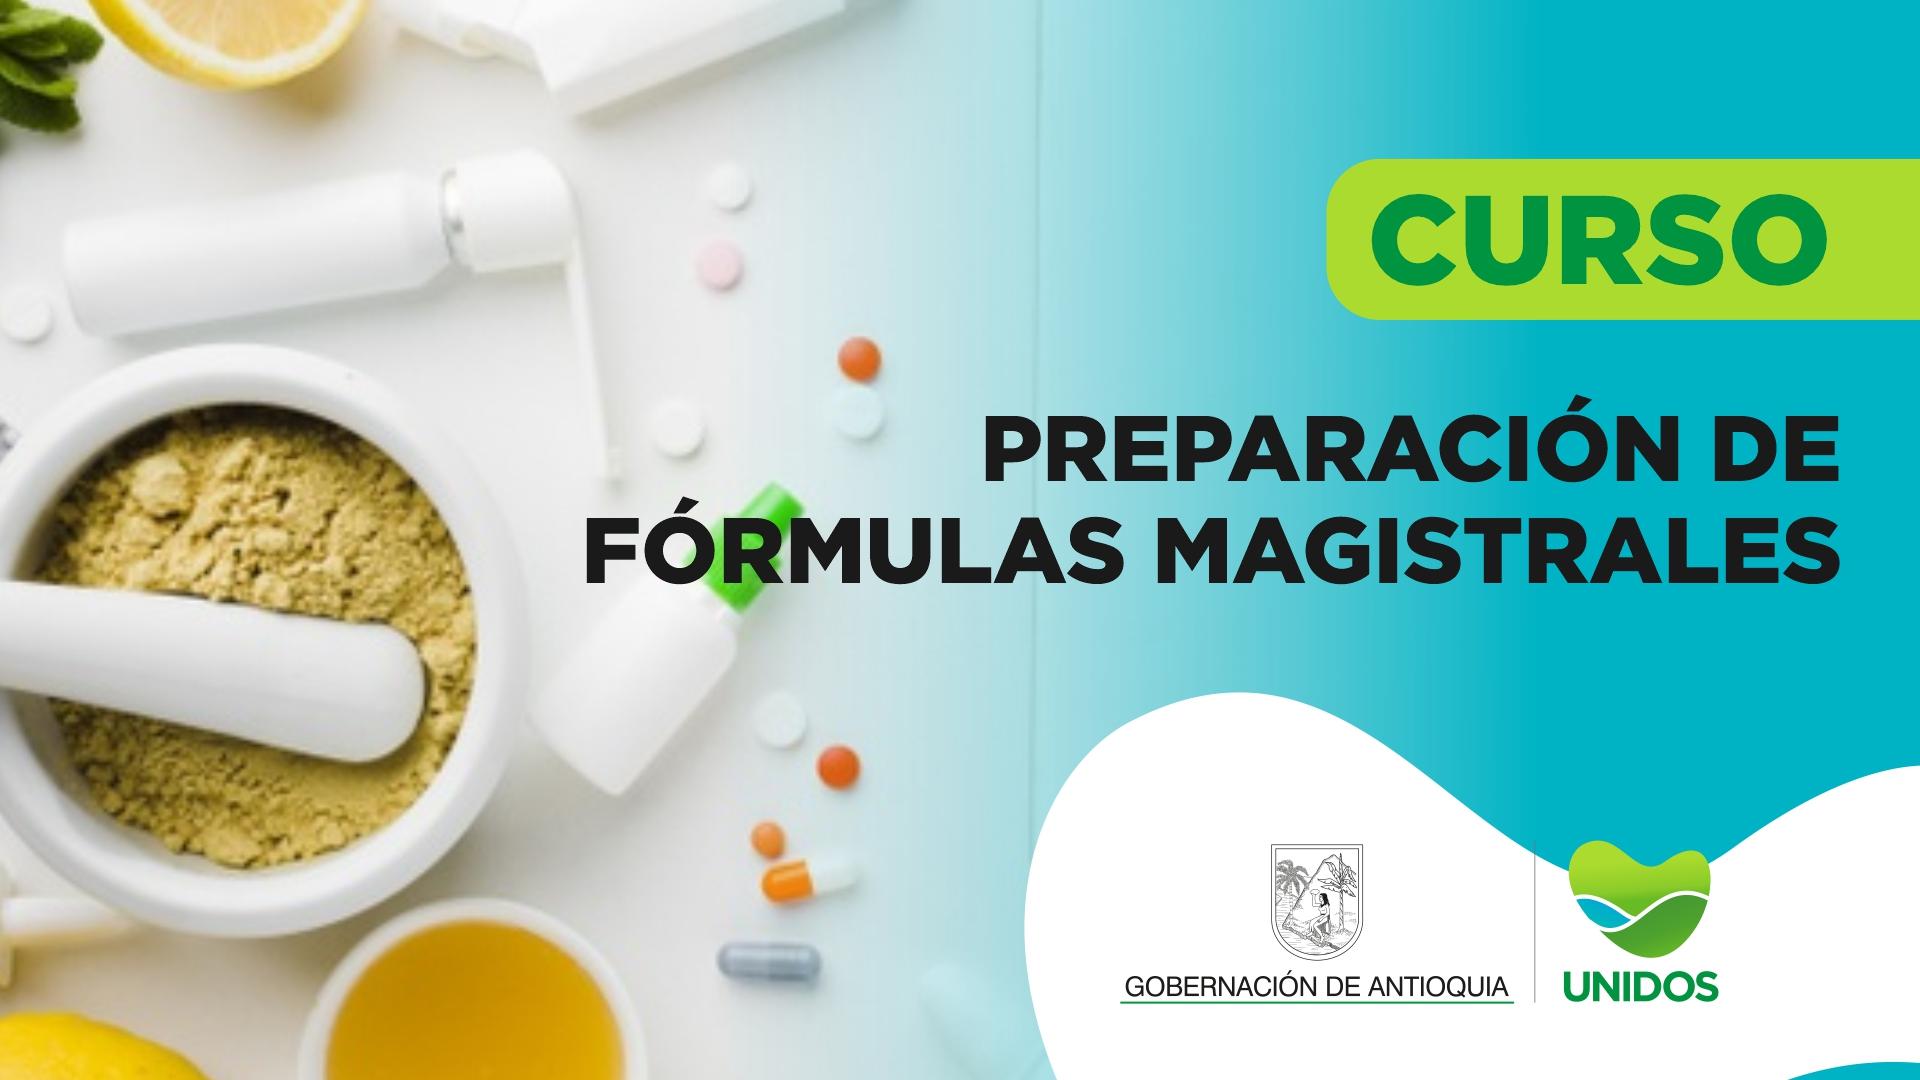 Course Image CURSO DE PREPARACIÓN DE FÓRMULAS MAGISTRALES